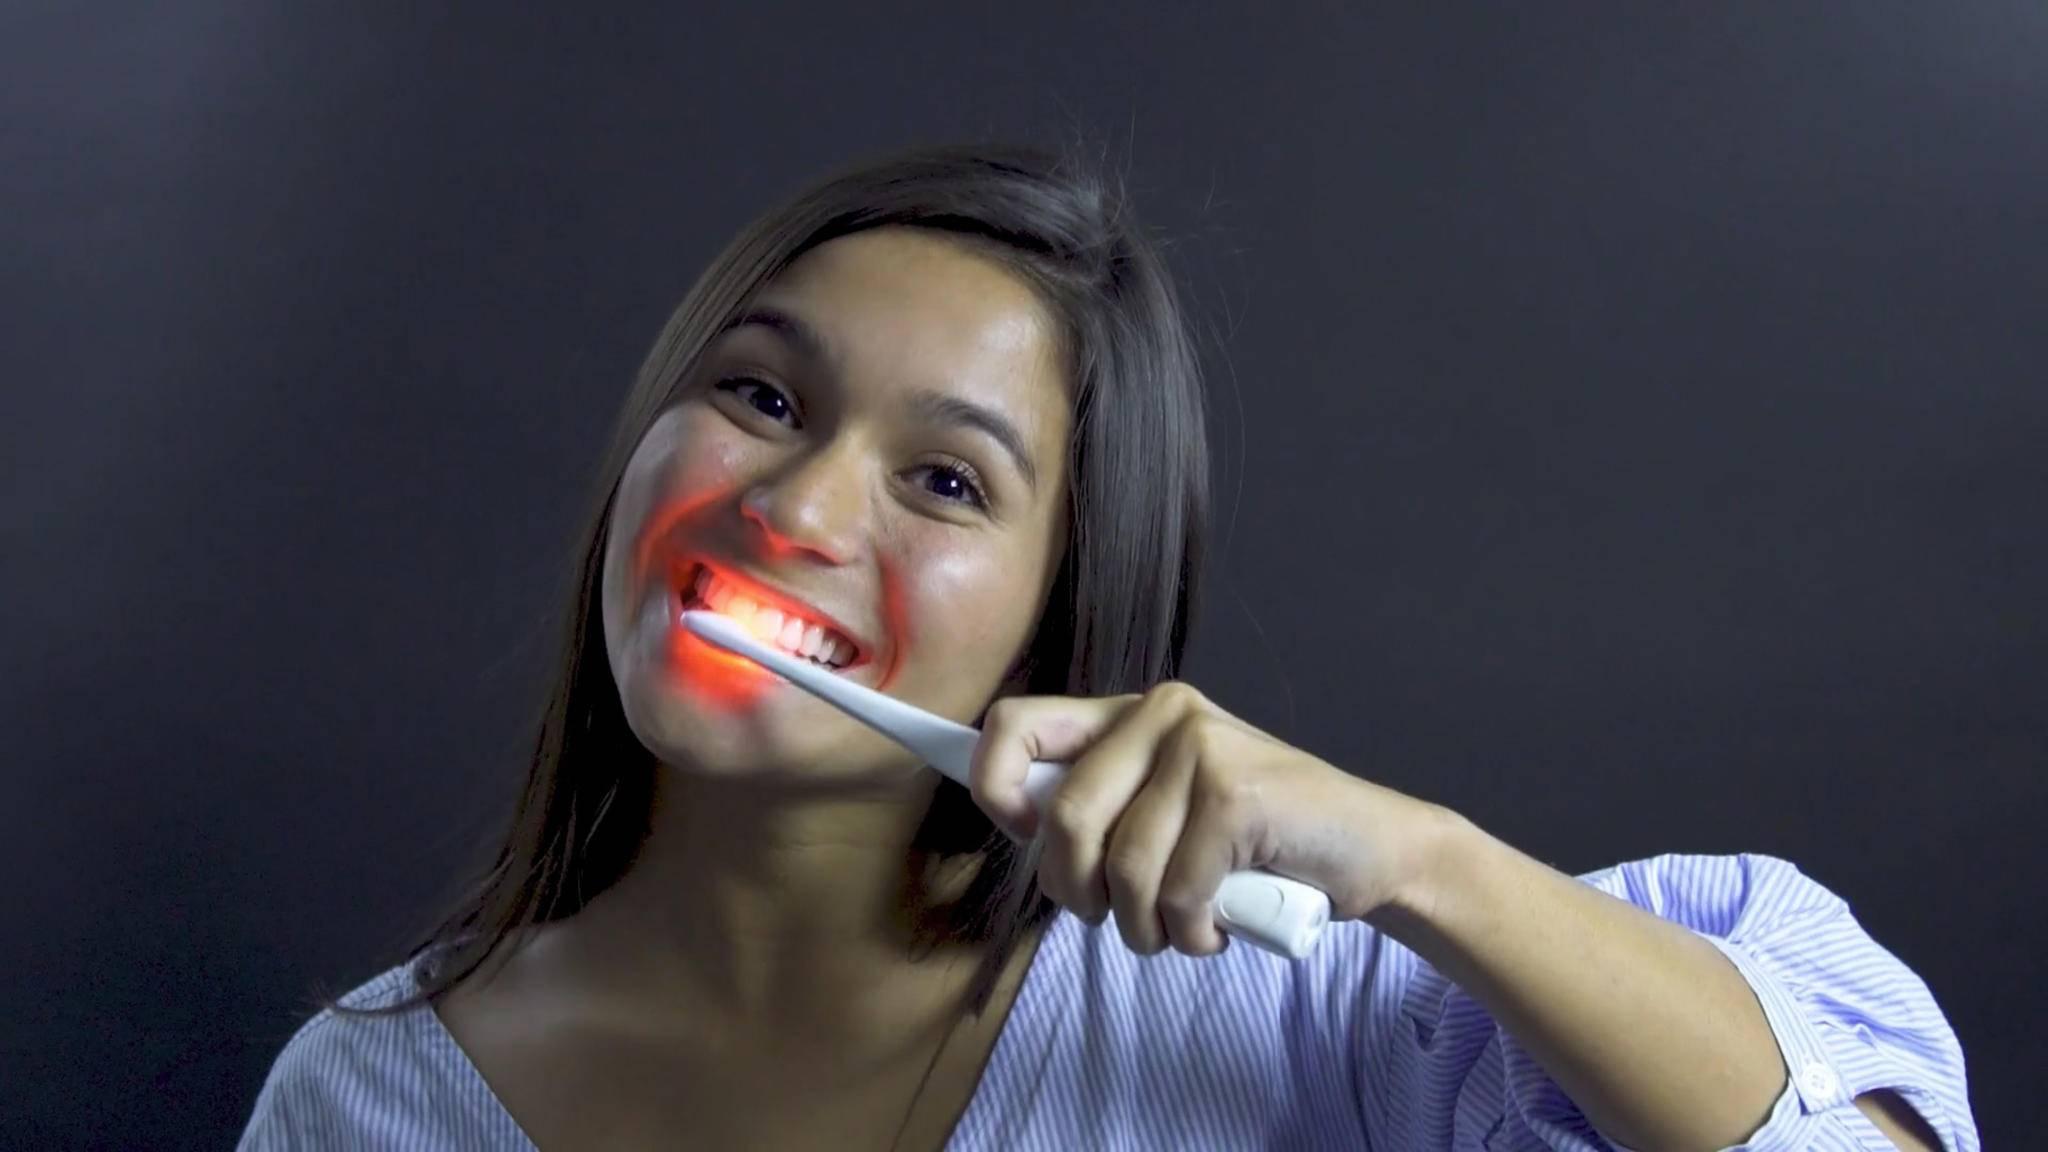 Bristl ist eine Zahnbürste, die einem beim Zähneputzen eine Lichttherapie verschafft.